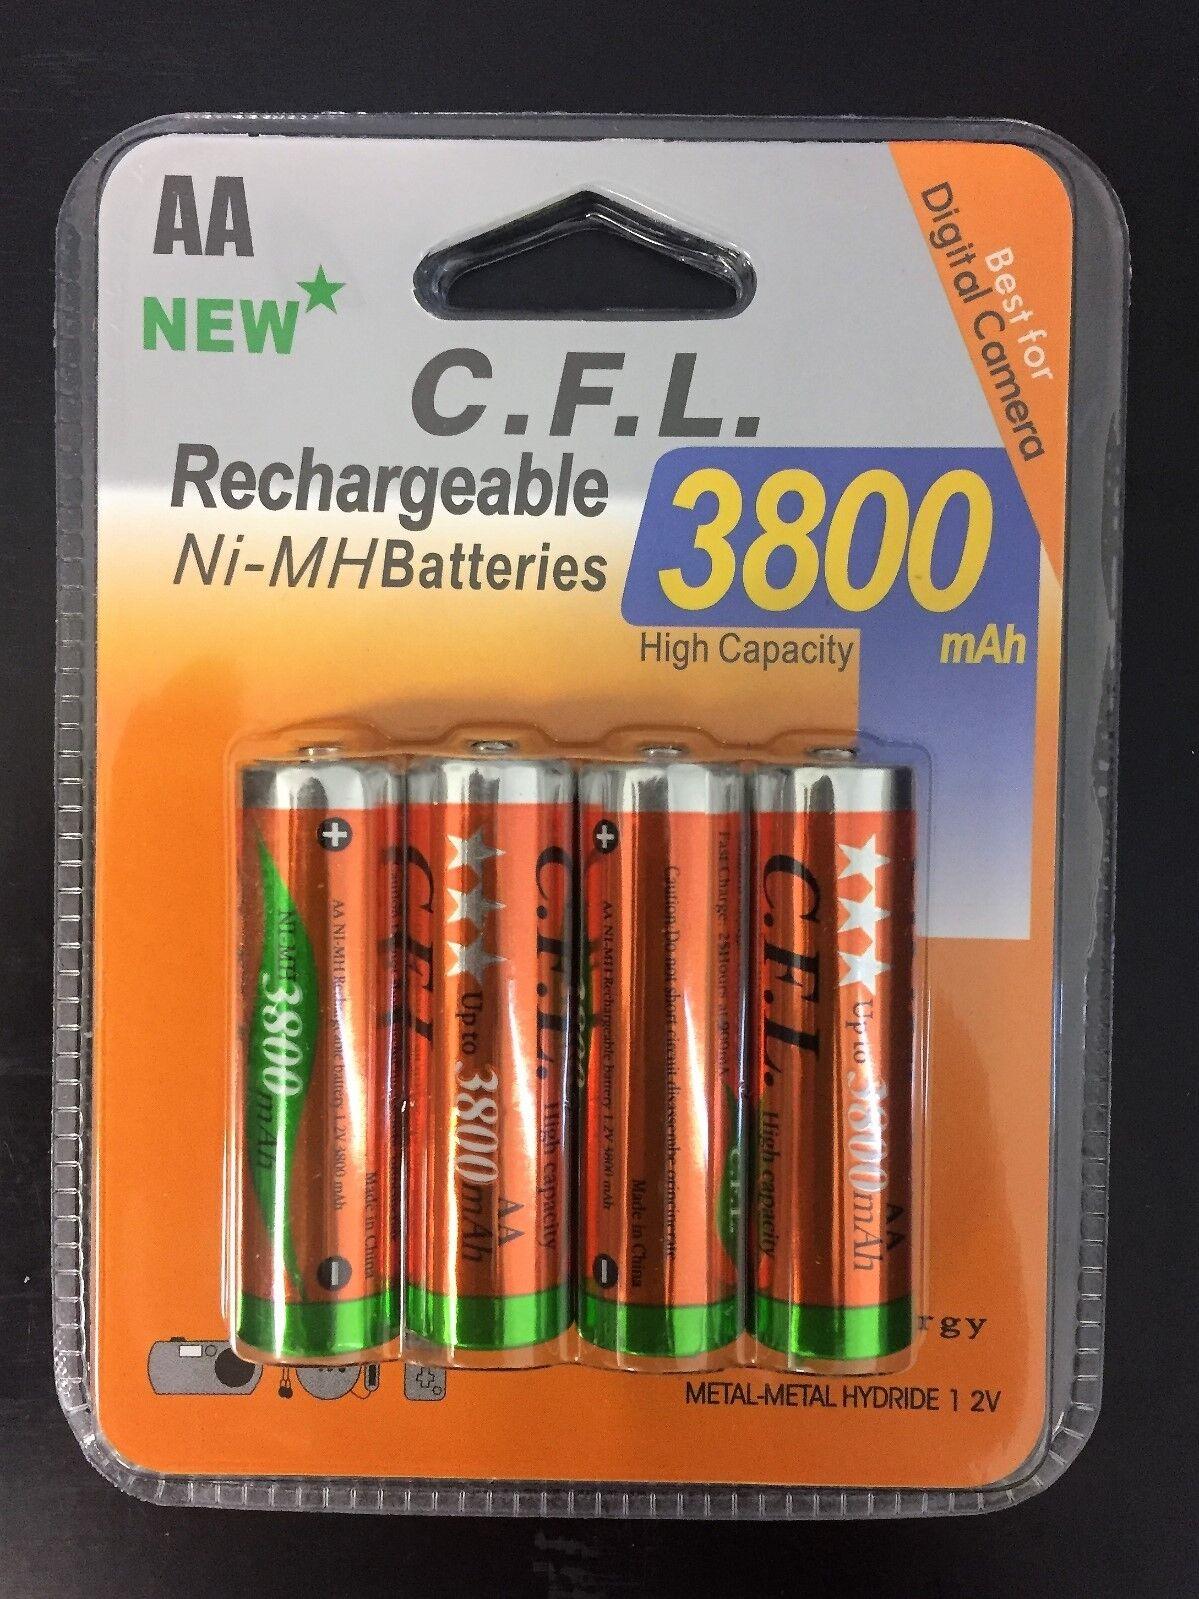 AKKU Batterien AA 3800 mAh NI-MH AKKU Wiederaufladbar